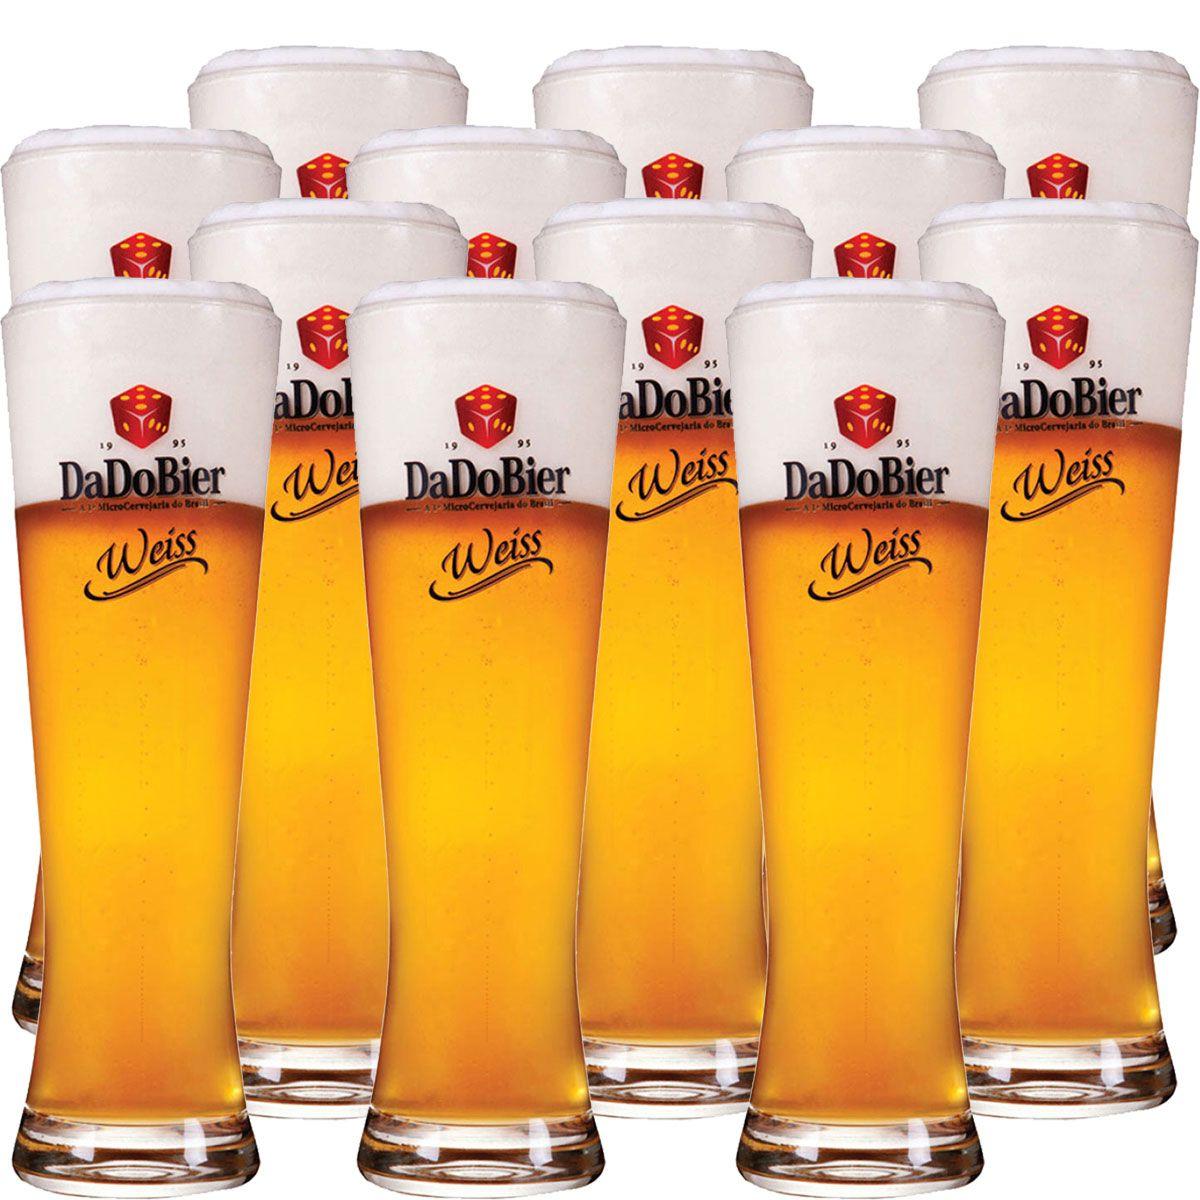 Copos De Cerveja - Dado Bier Weiss 720ml c/ 12 Pcs